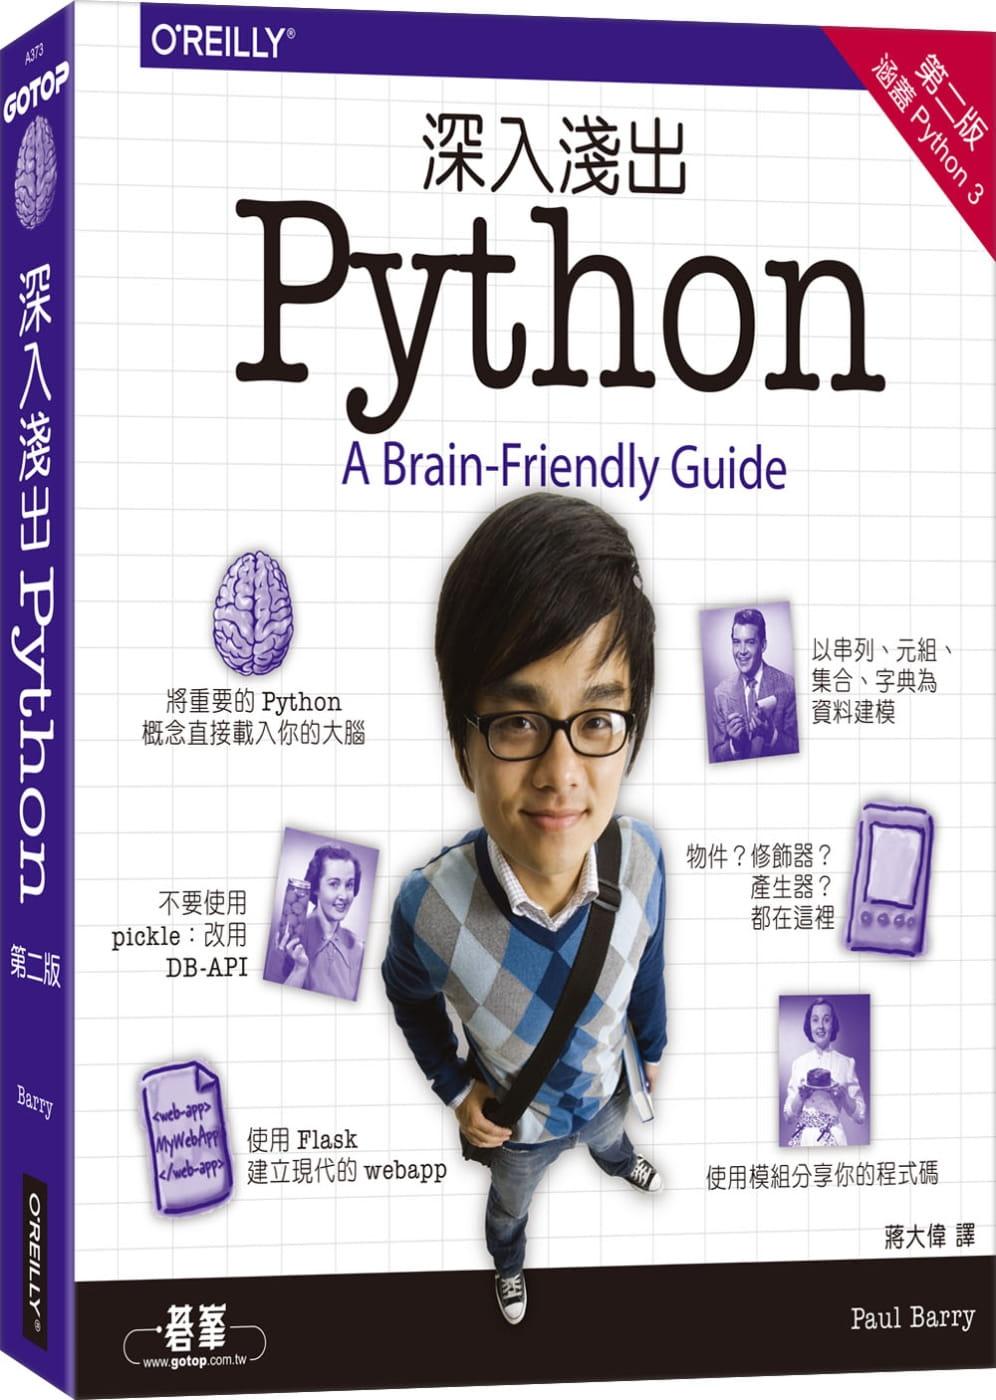 Python 入門書推薦 歐萊禮 深入淺出